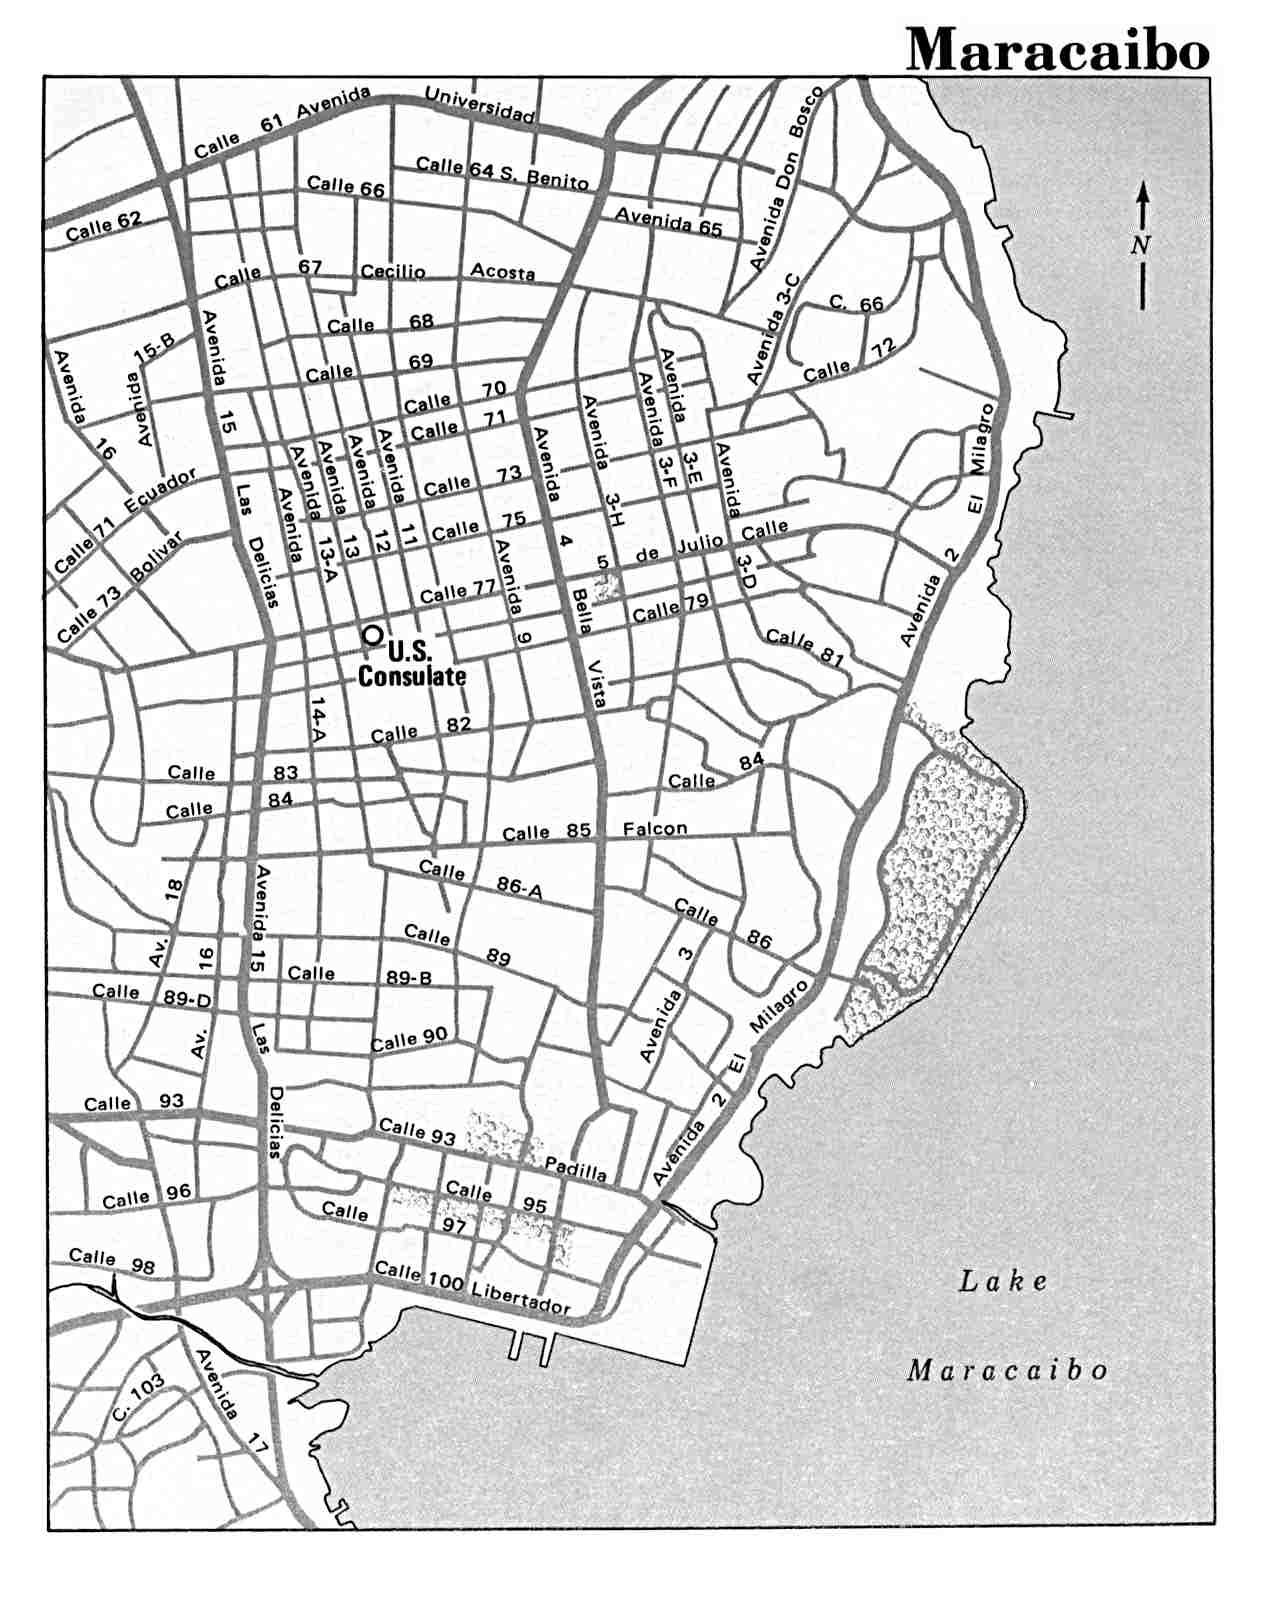 Mapa de la Ciudad de Maracaibo, Venezuela